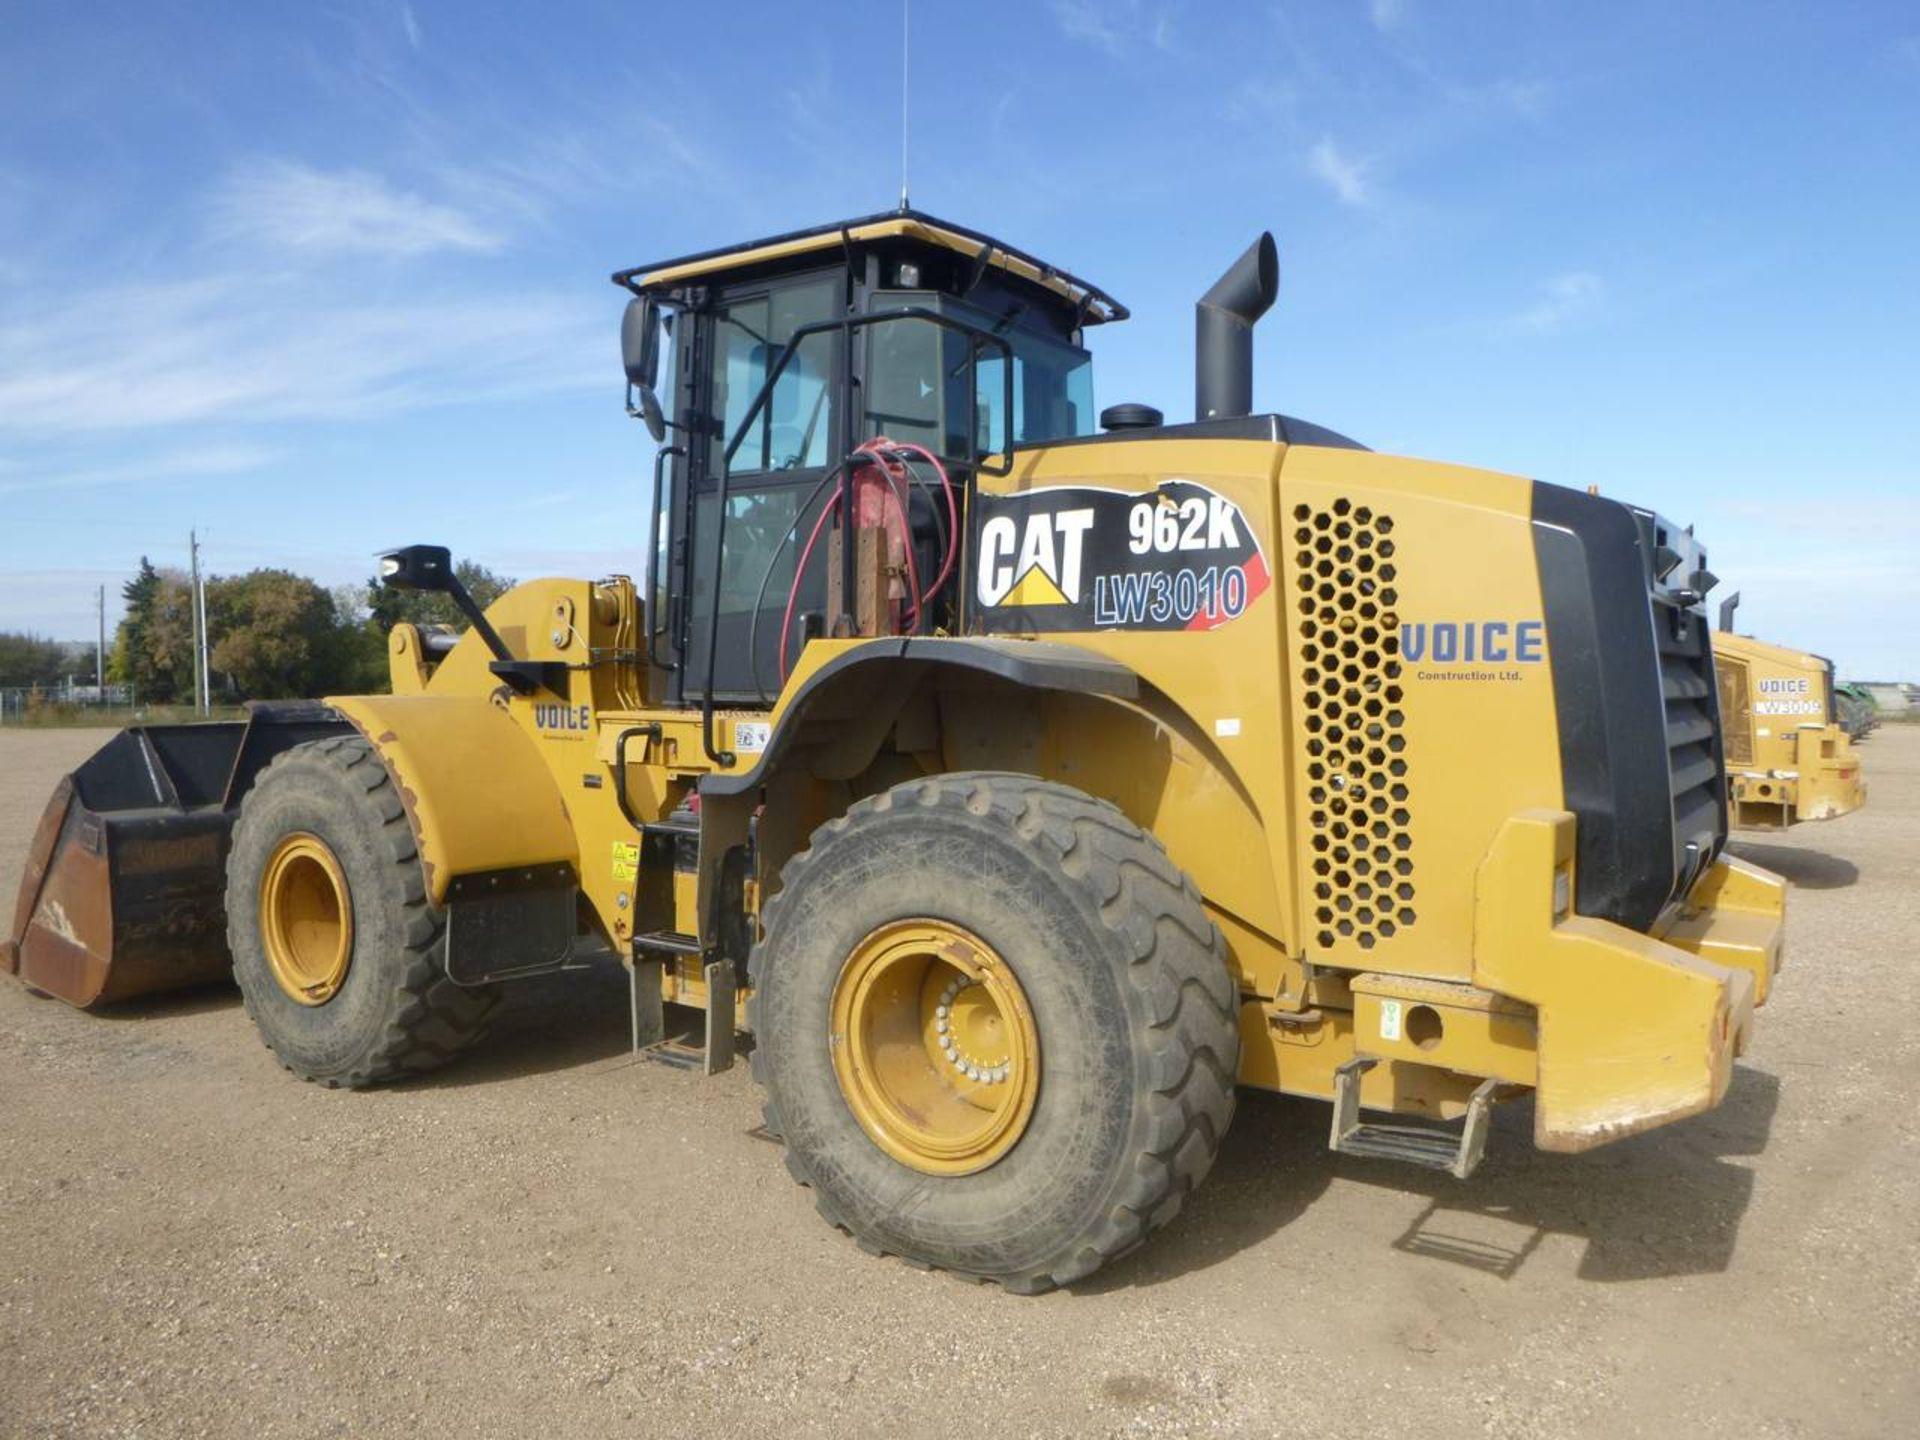 2012 Caterpillar 962K Front End Loader - Image 5 of 10